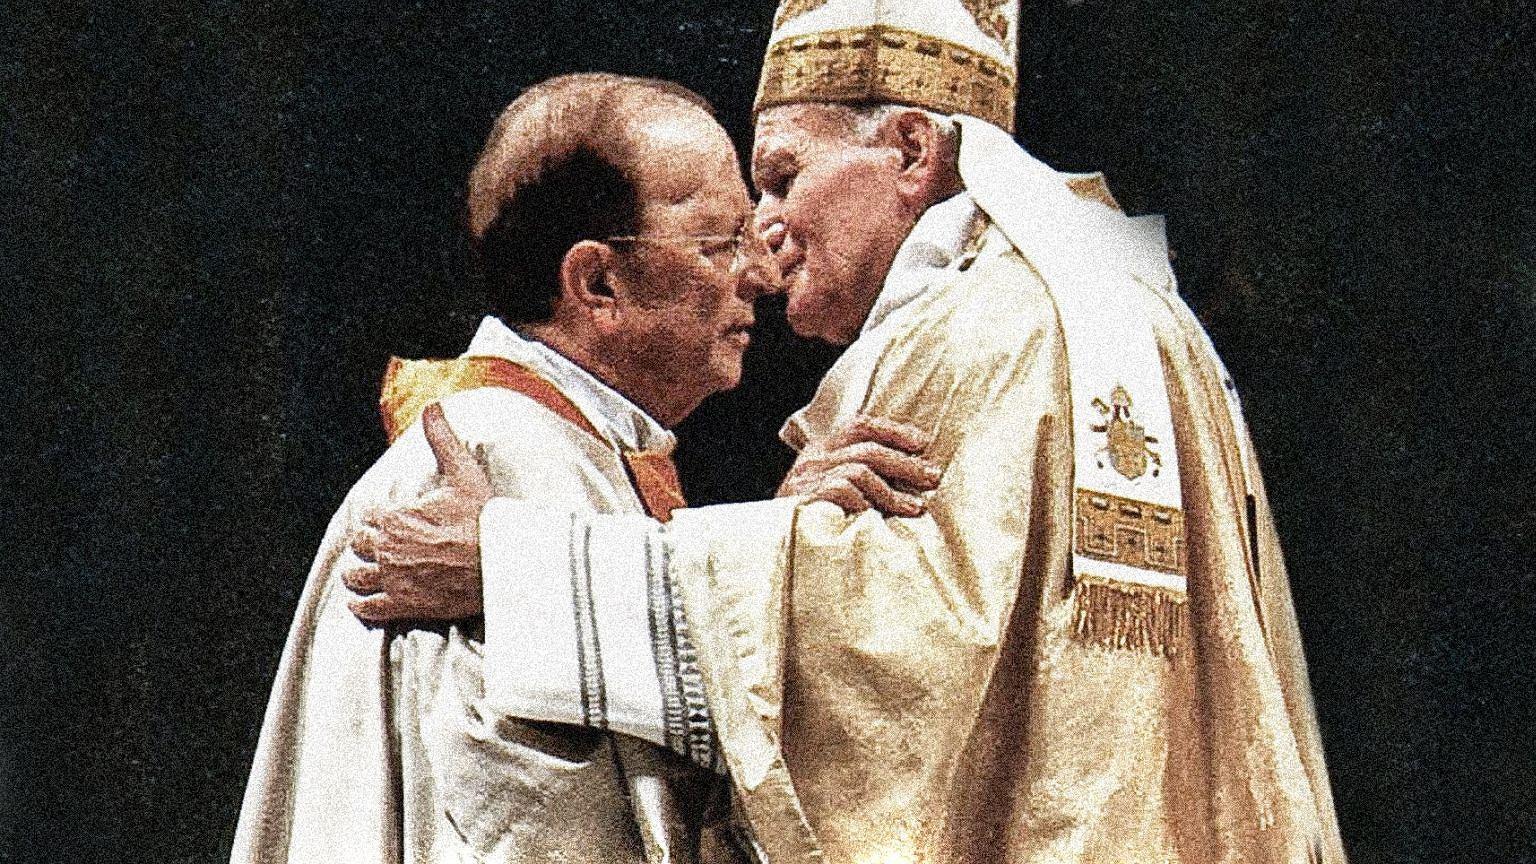 Jak ksiądz-bigamista i pedofil, który gwałcił własne dzieci, wkradł się w łaski Jana Pawła II